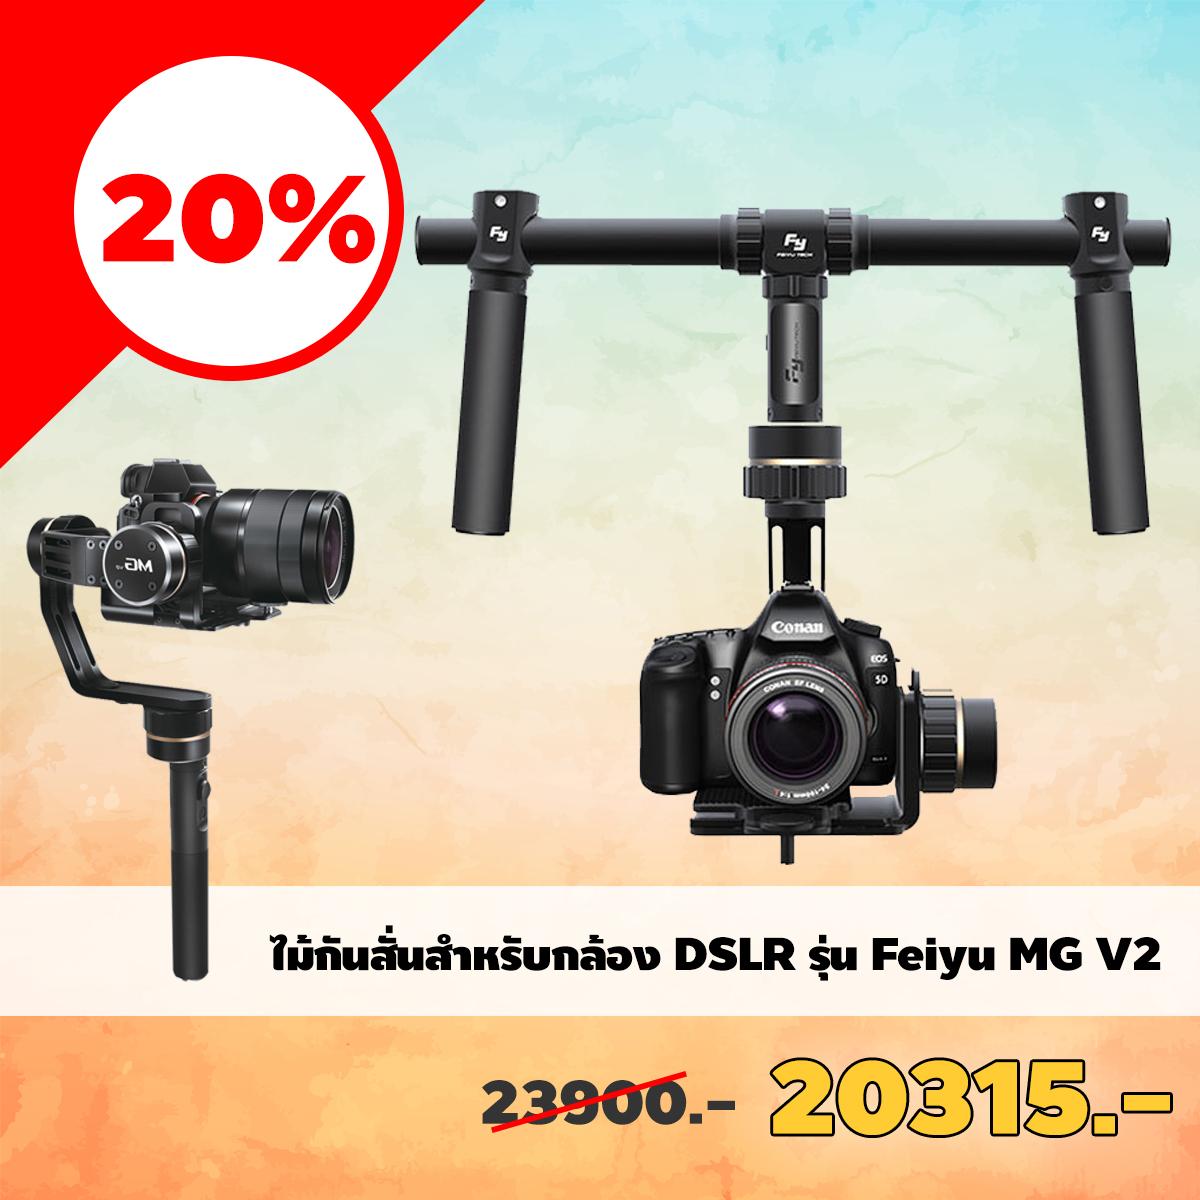 Feiyu MG V2